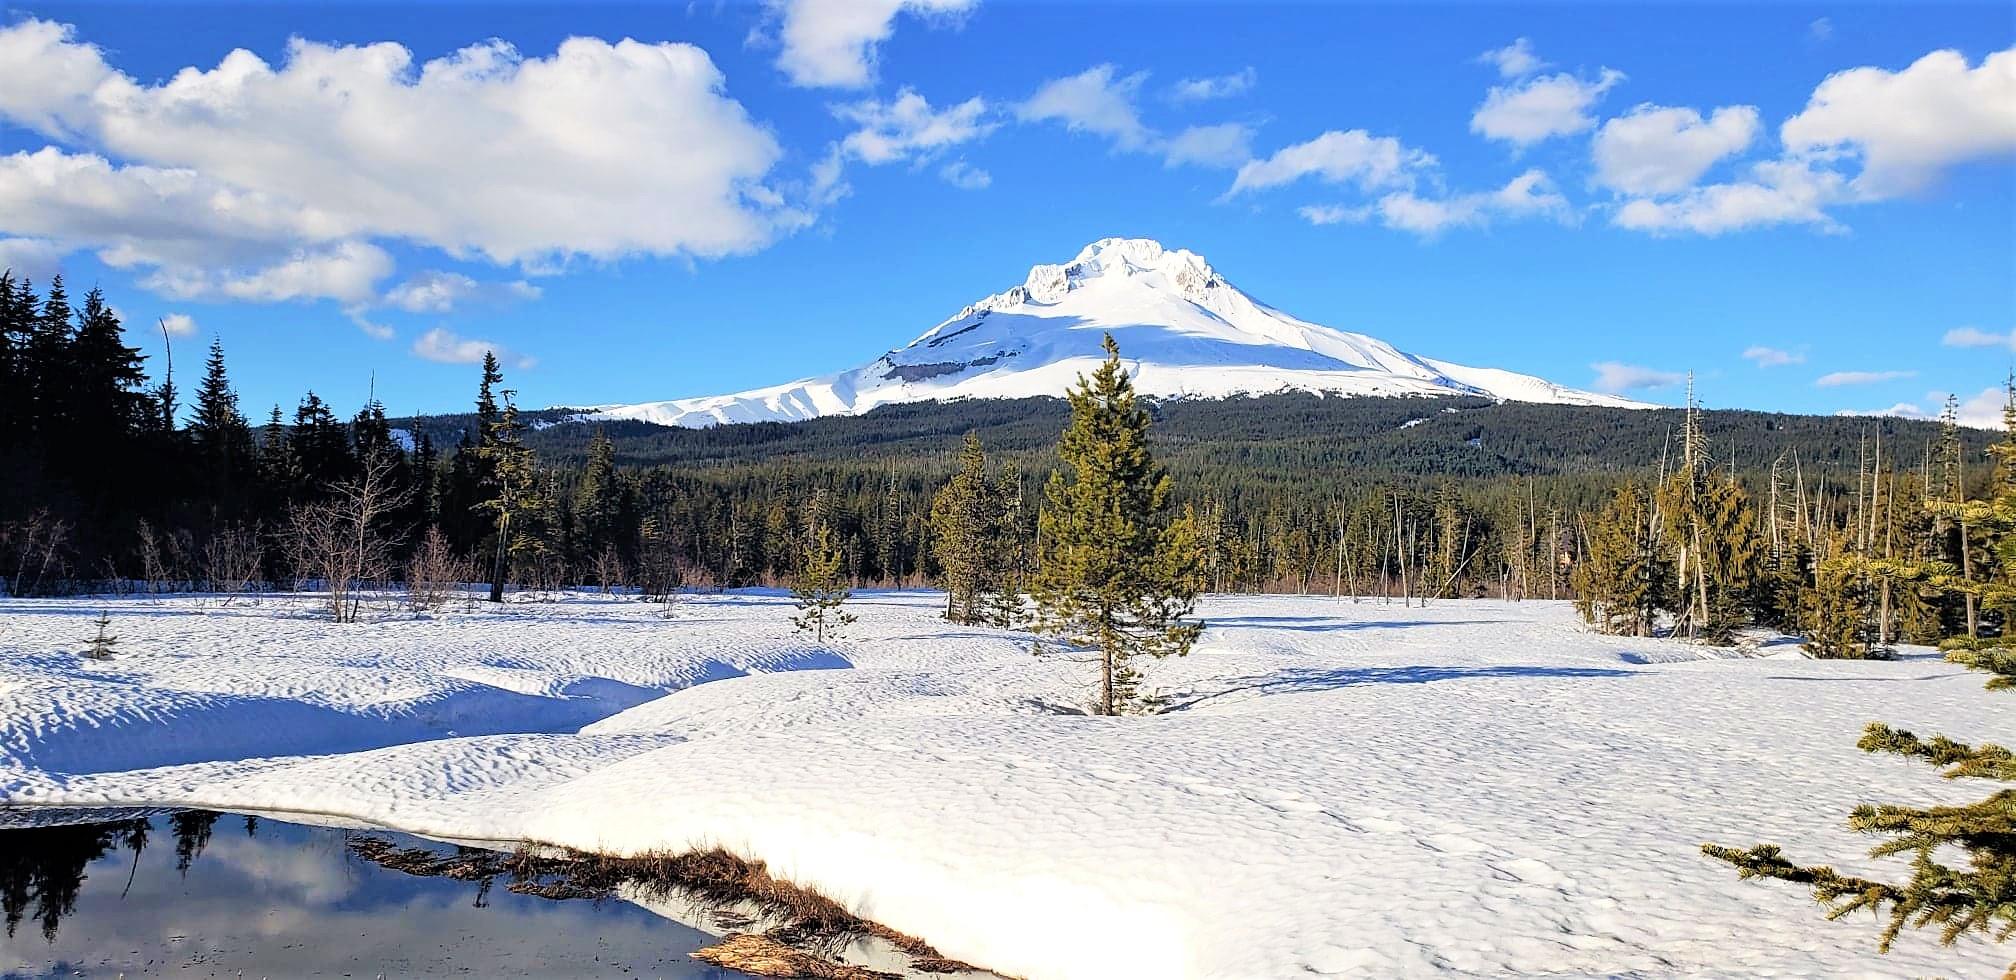 South face of Mt.Hood, Cascade Range, Oregon (Taken by McKayla Meier)